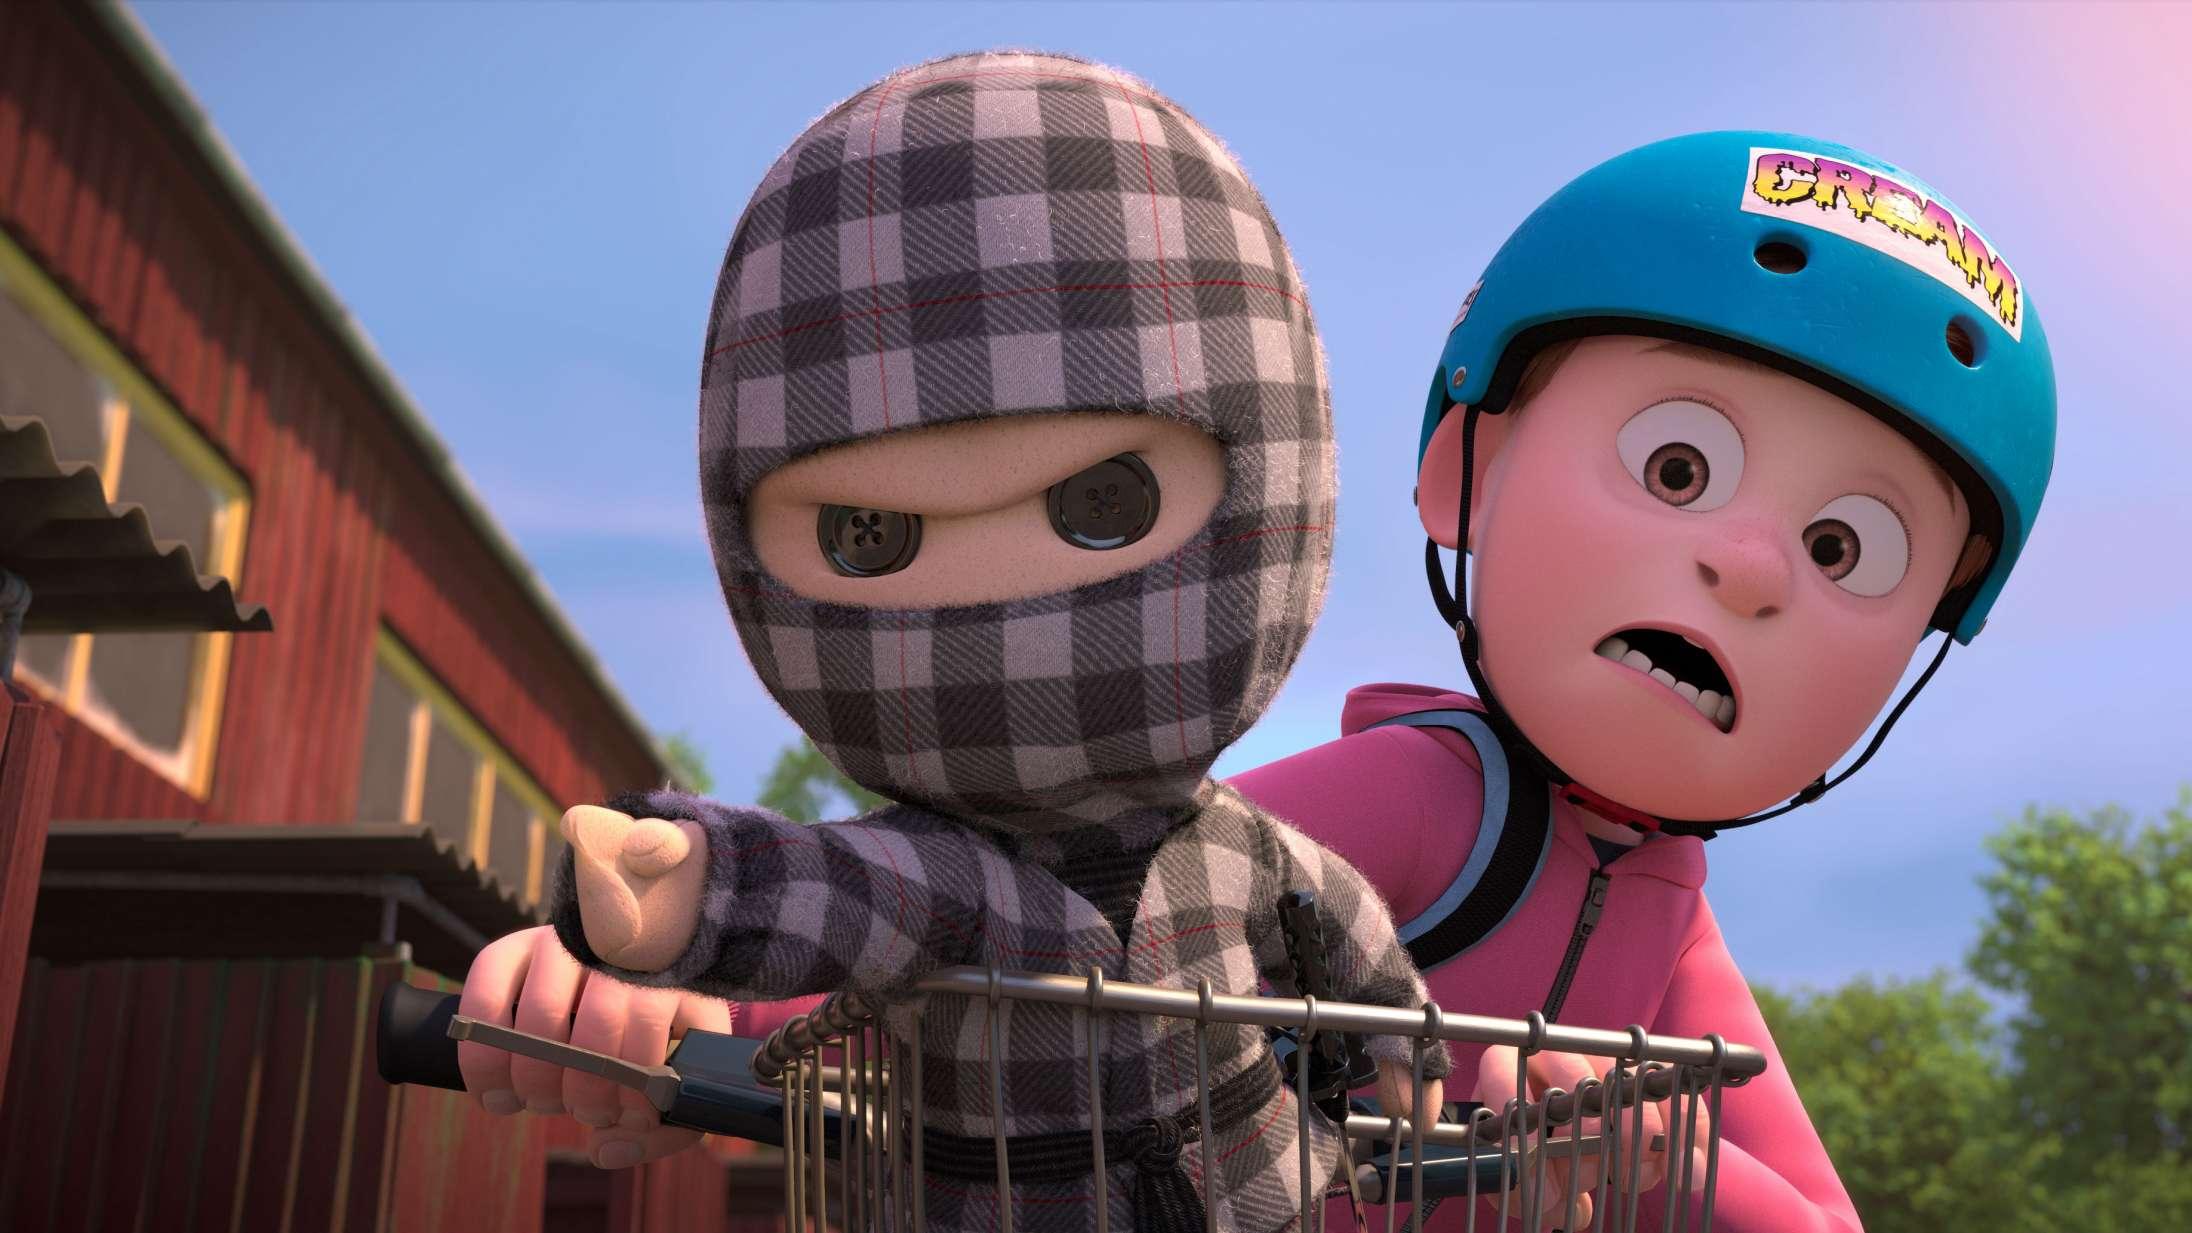 'Ternet Ninja': Anders Matthesens nye film er fuld af WTF-øjeblikke